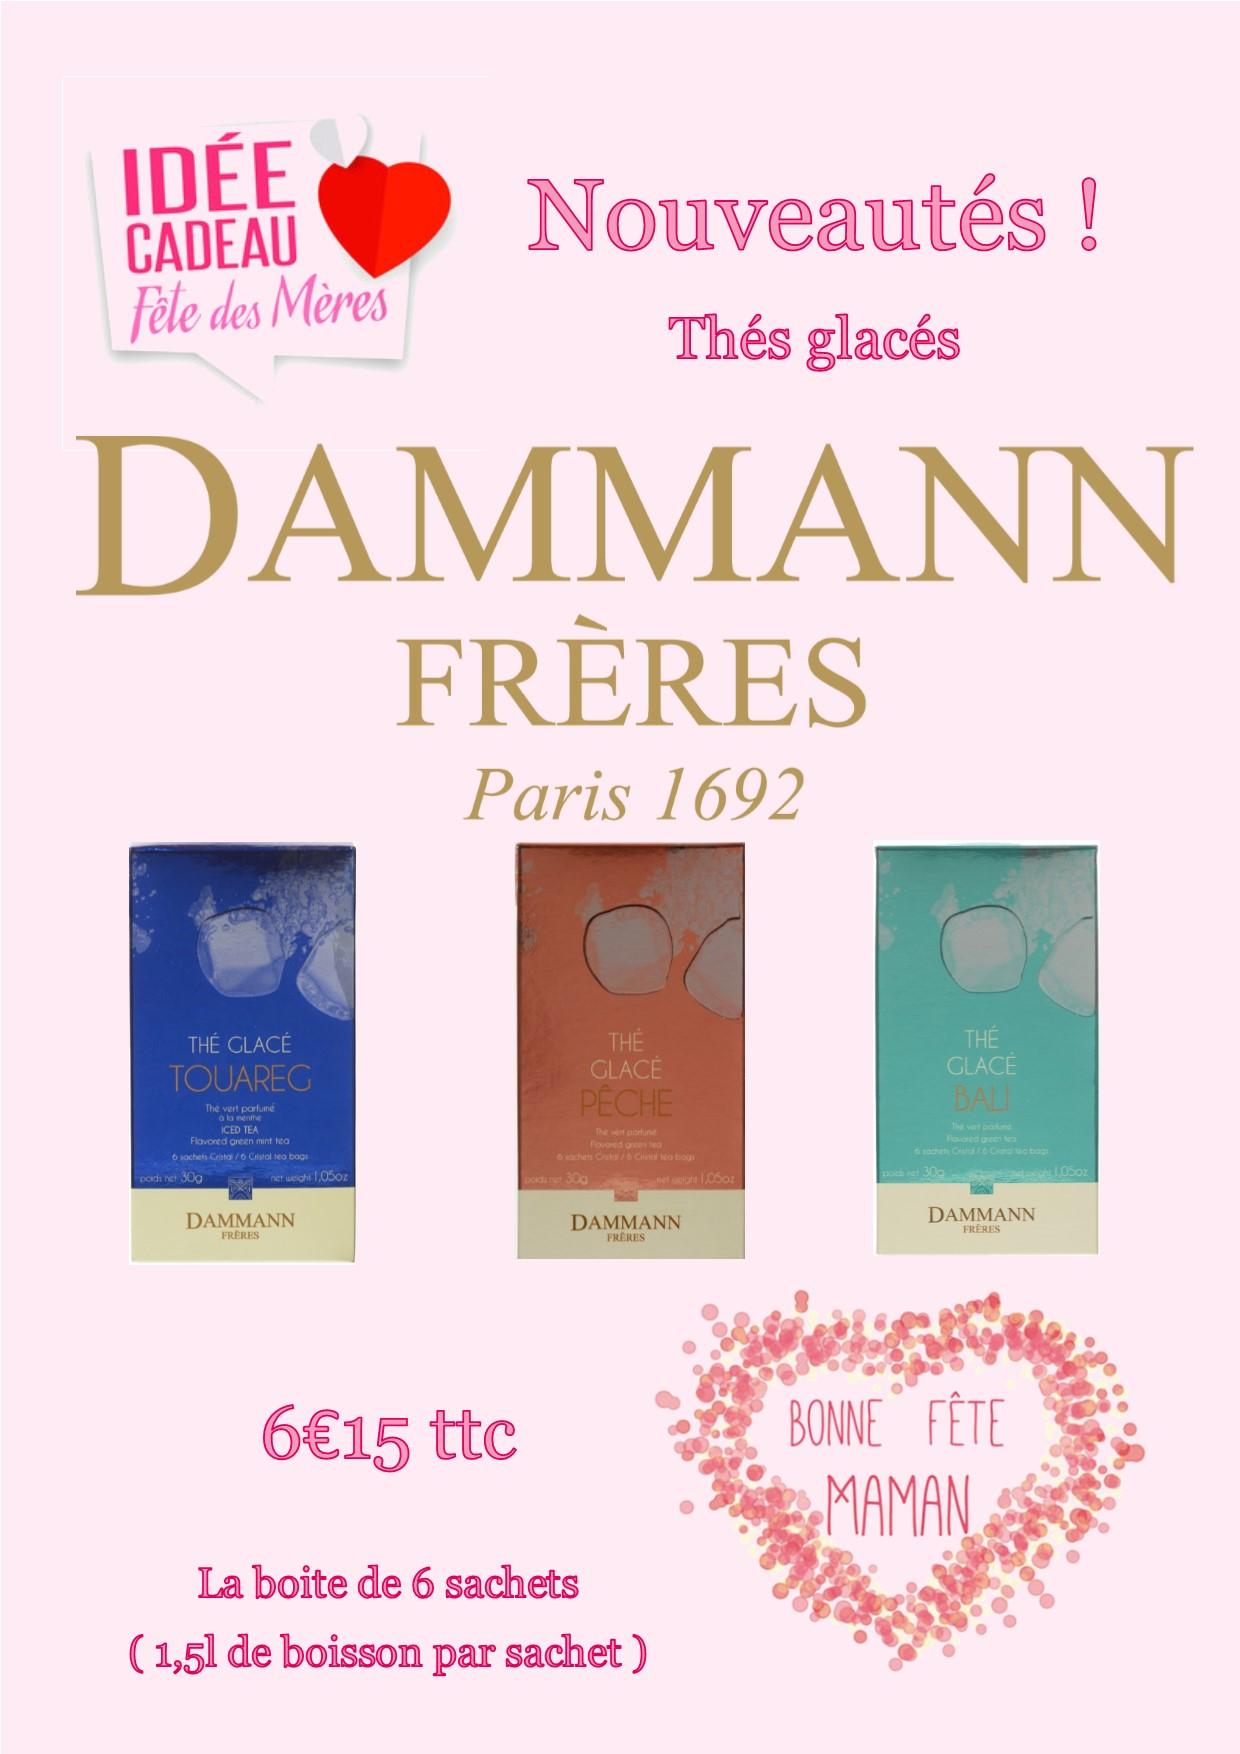 the galcé damman fête des meres